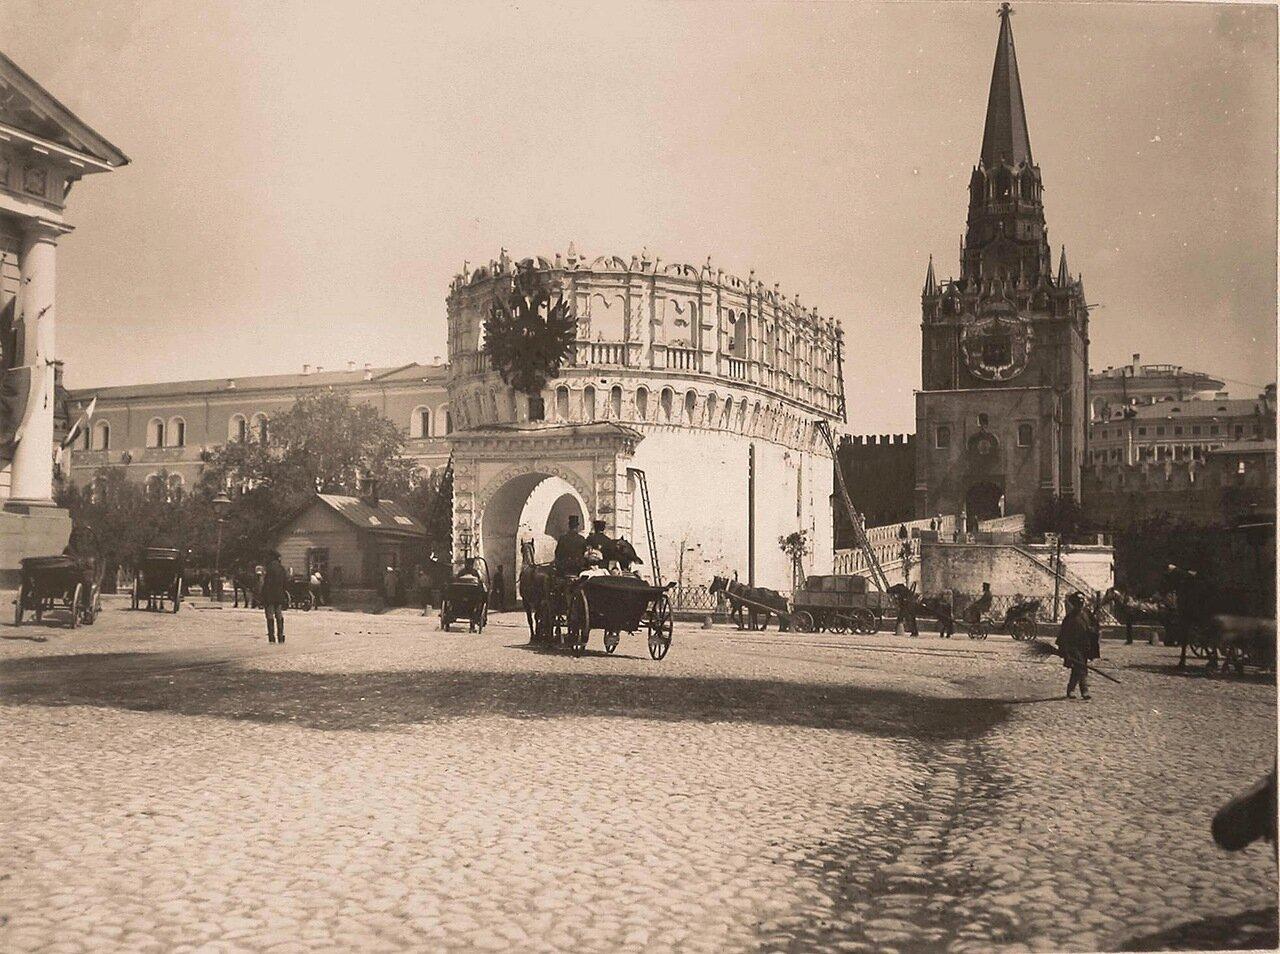 Вид на Кутафью башню Кремля, украшенную гербом к торжествам коронации, и Троицкую башню